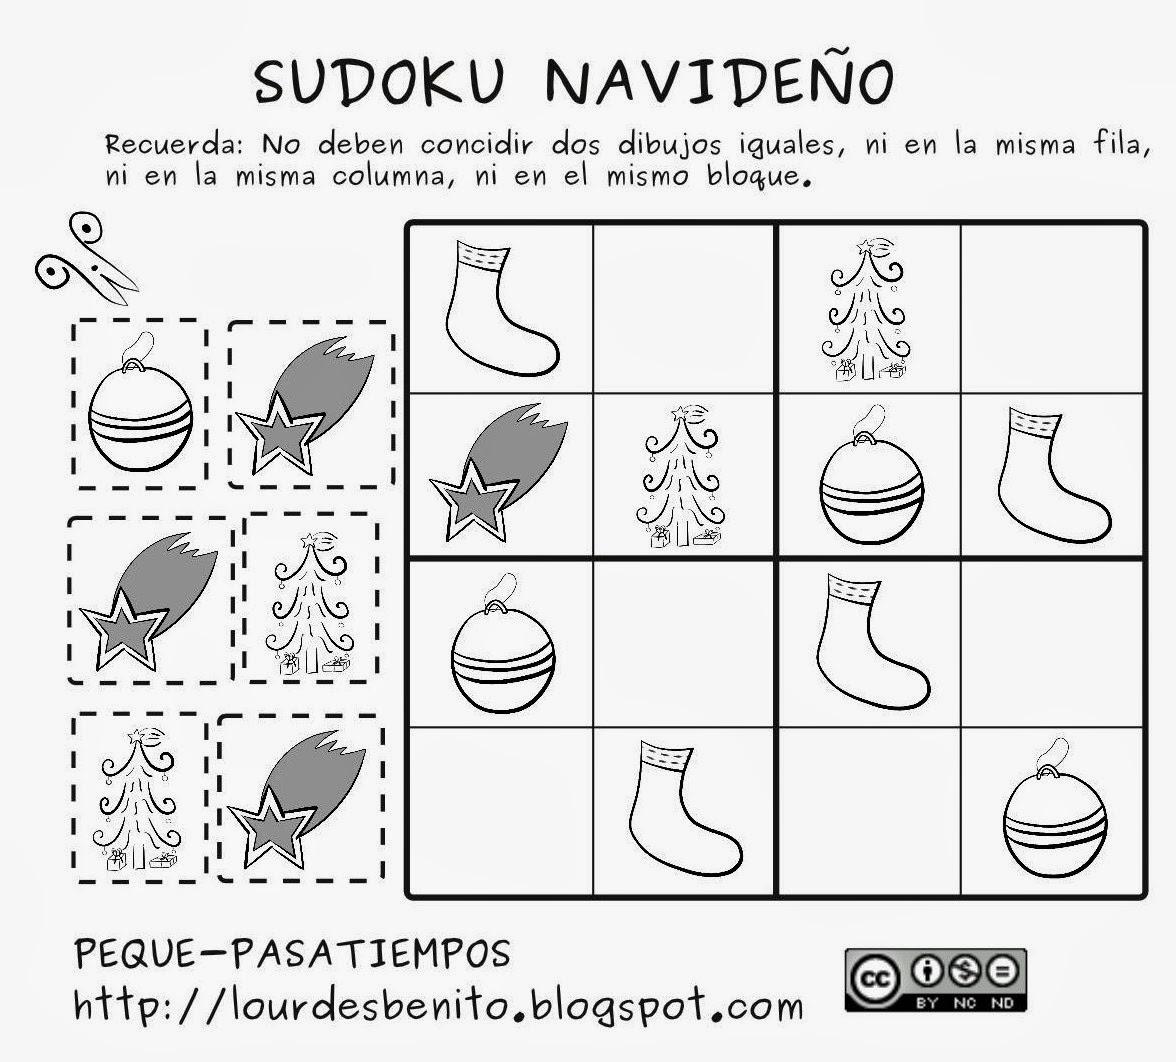 AVANCE1 – 7-peque-pasatiempos-página001  laclasedeptdemontse